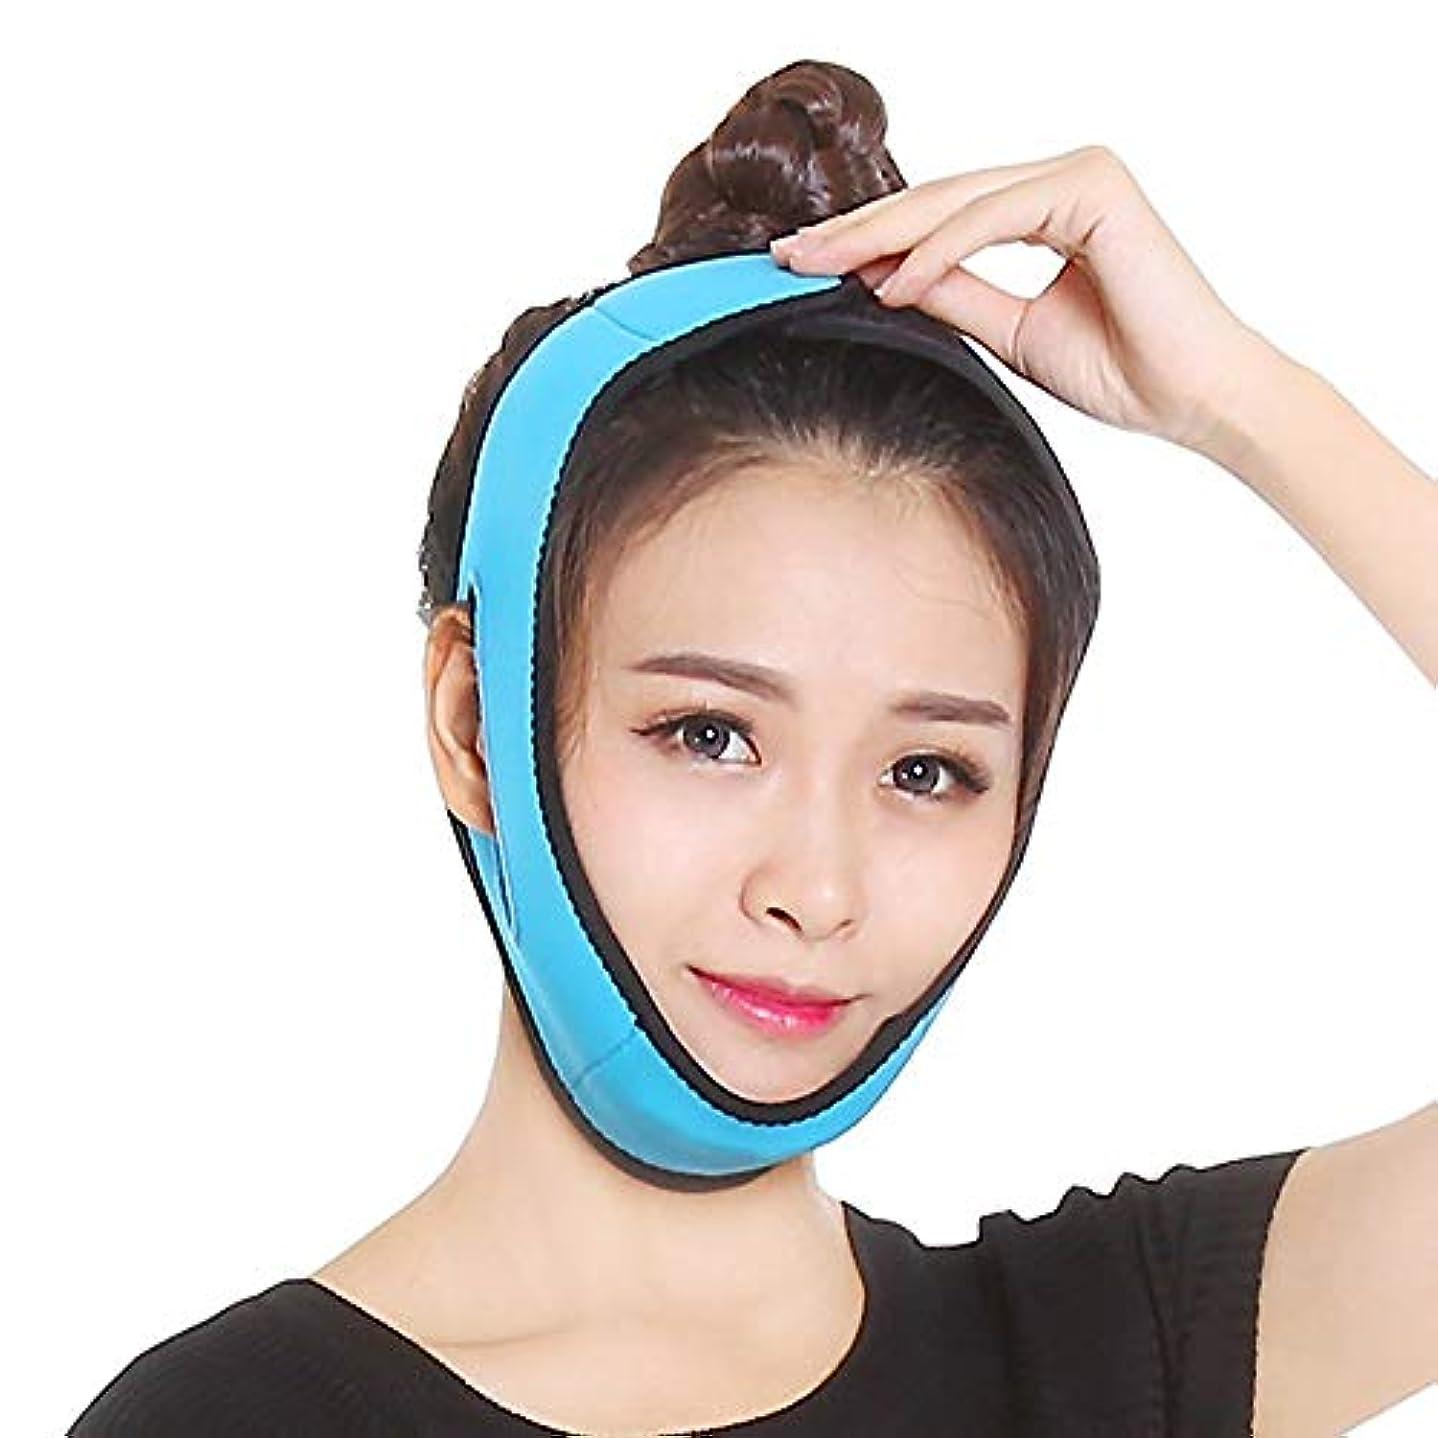 隔離するはげ貧しいフェイシャルリフティングスリミングベルト - 薄いフェイス包帯二重あごデバイス無料フェイシャルマッサージ整形マスクを引き締める顔と首の顔スリム